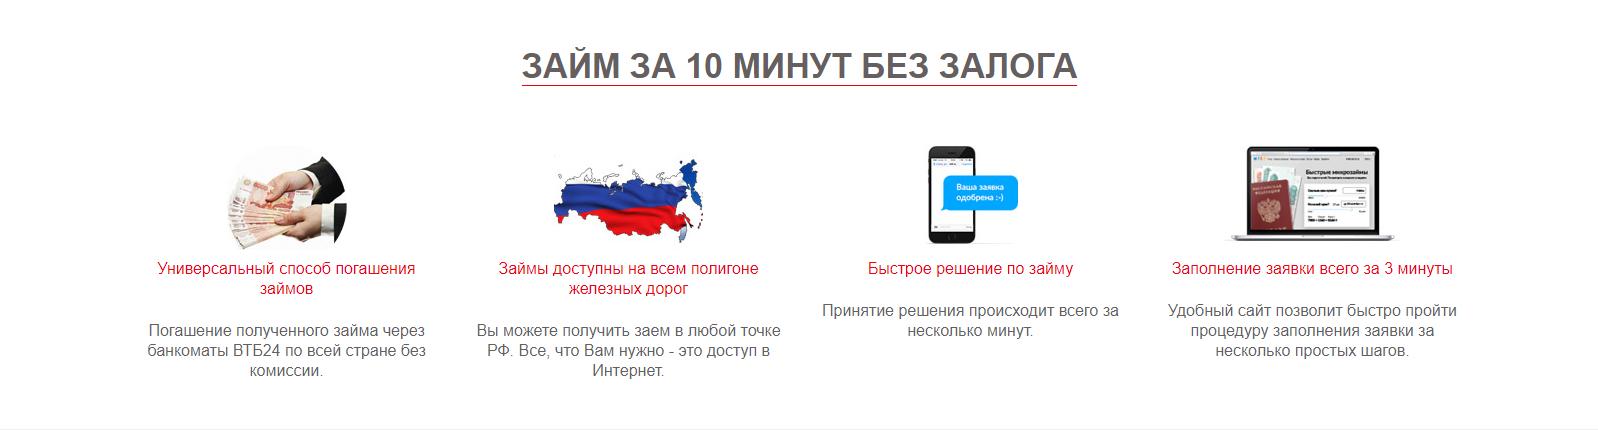 zheldorzajm-onlajn-zayavka_5